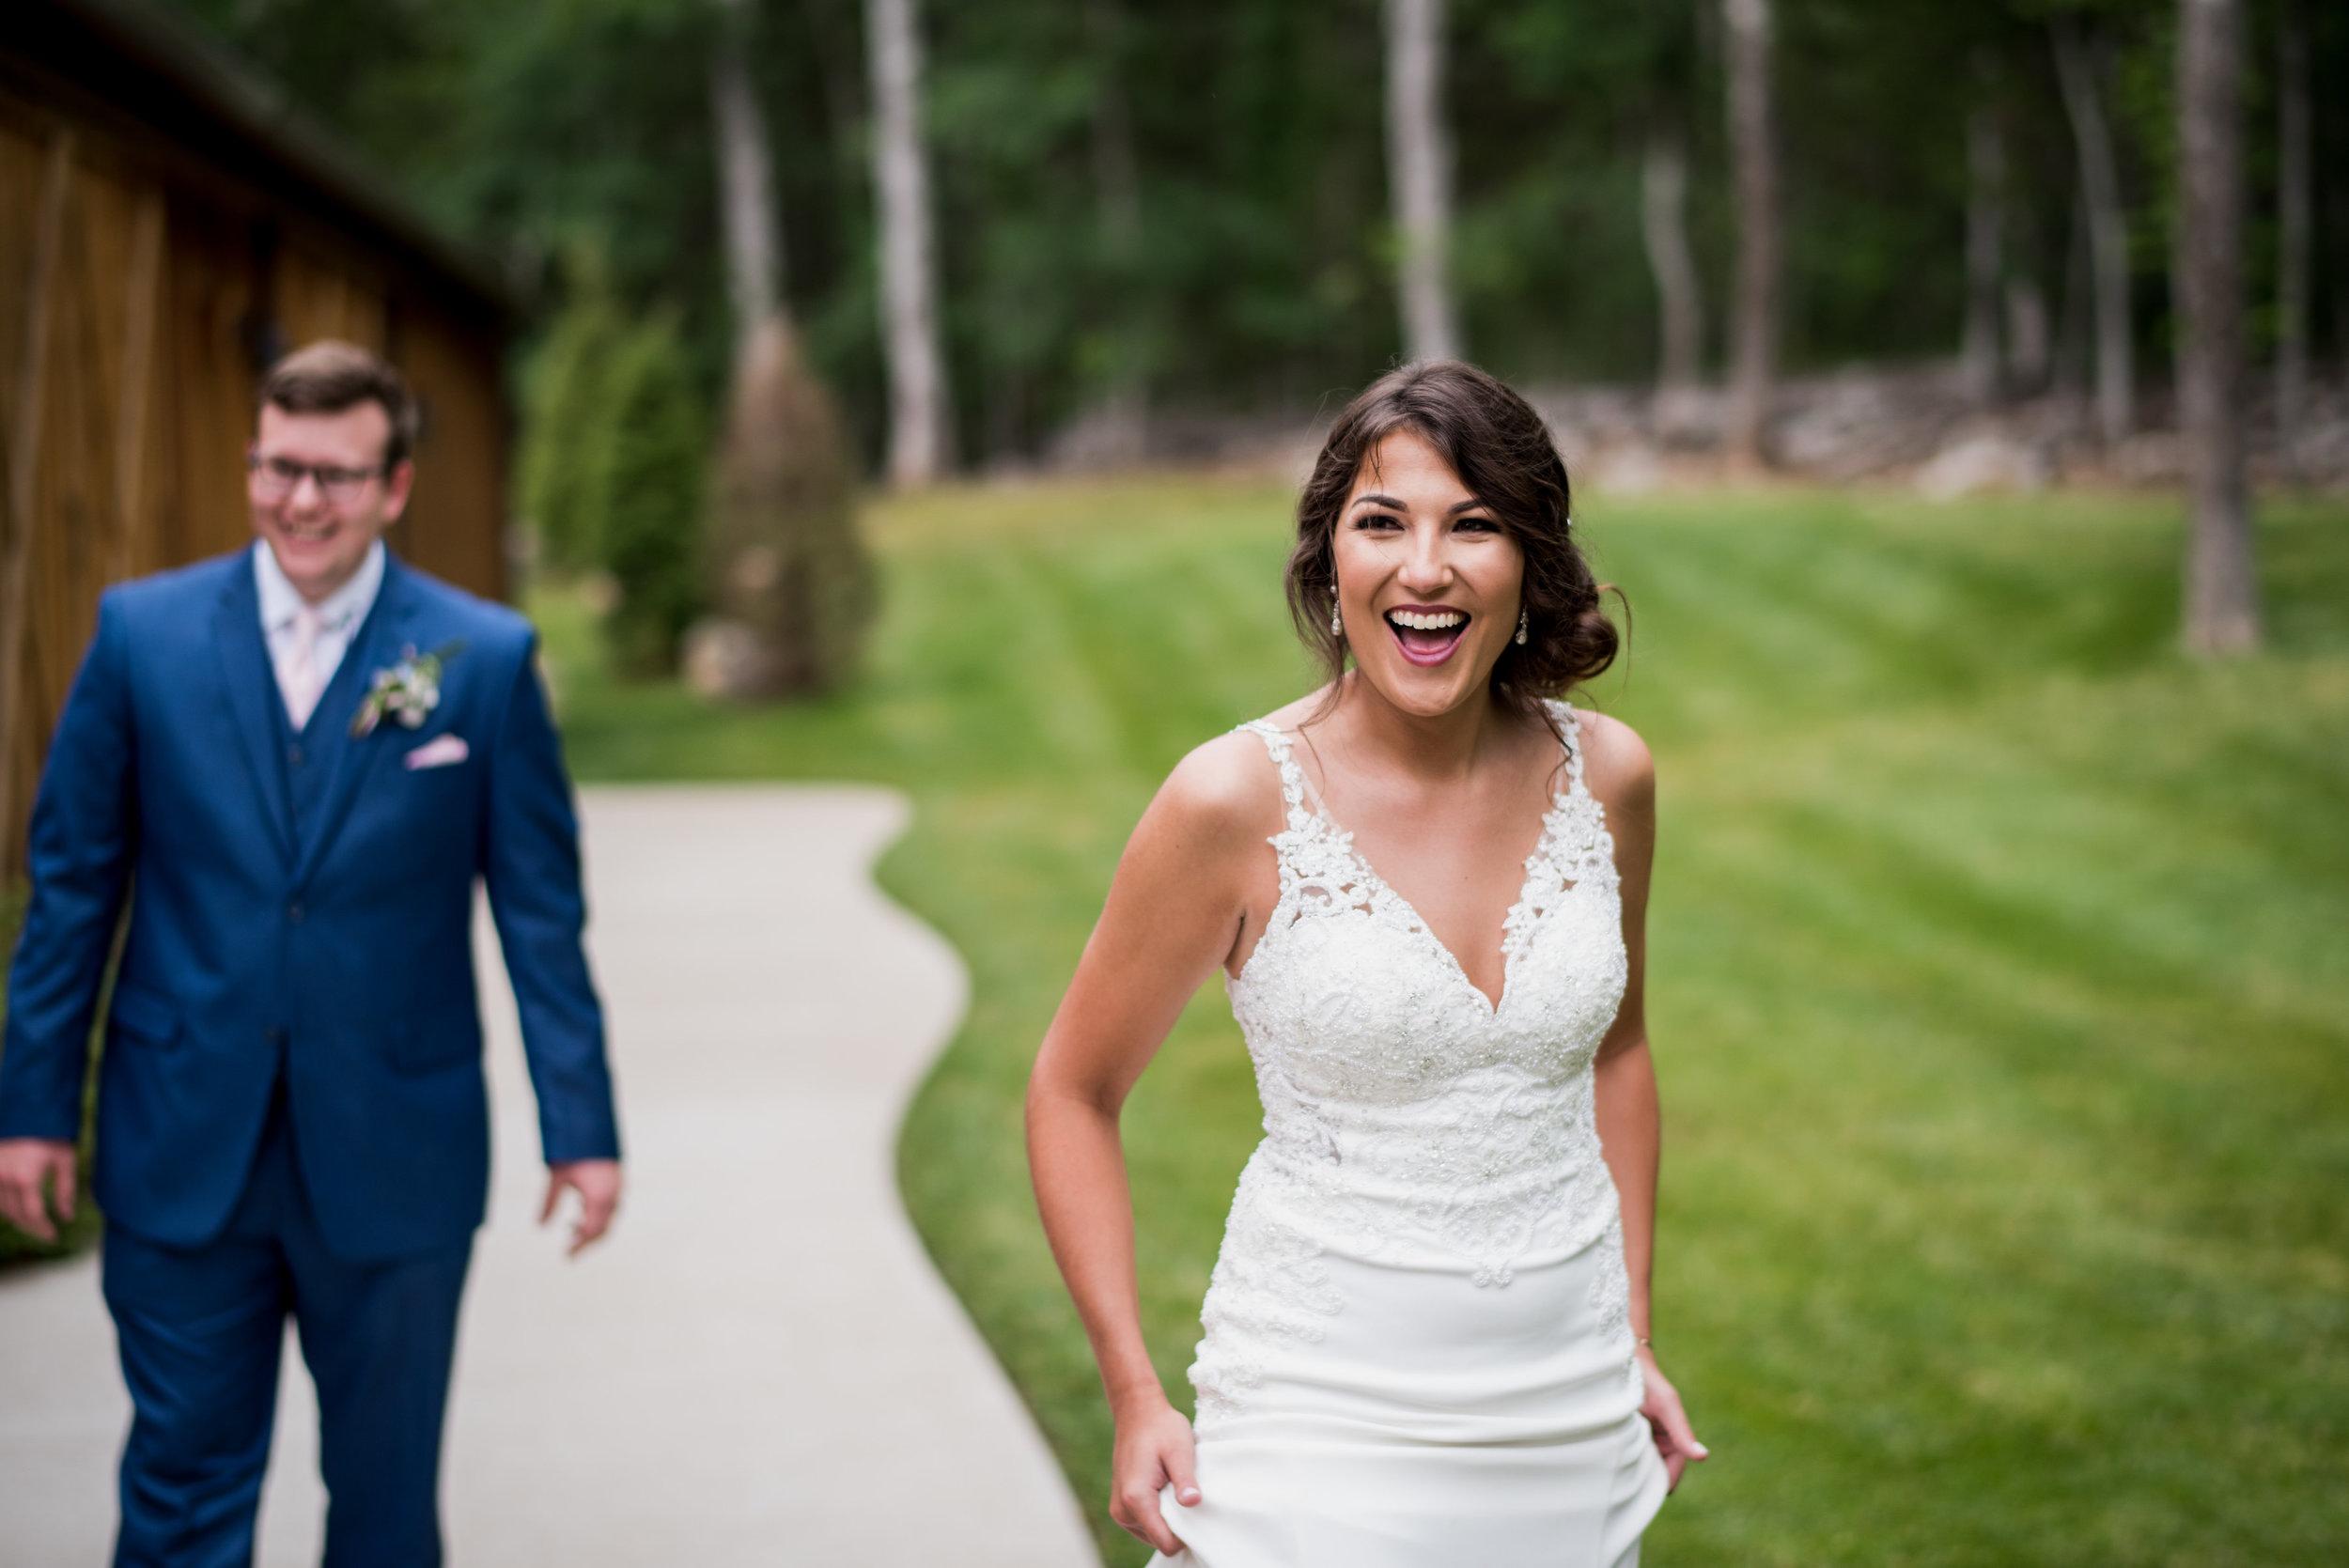 Saddlewood-Farms-Nashville-Wedding-Photographers-460.jpg